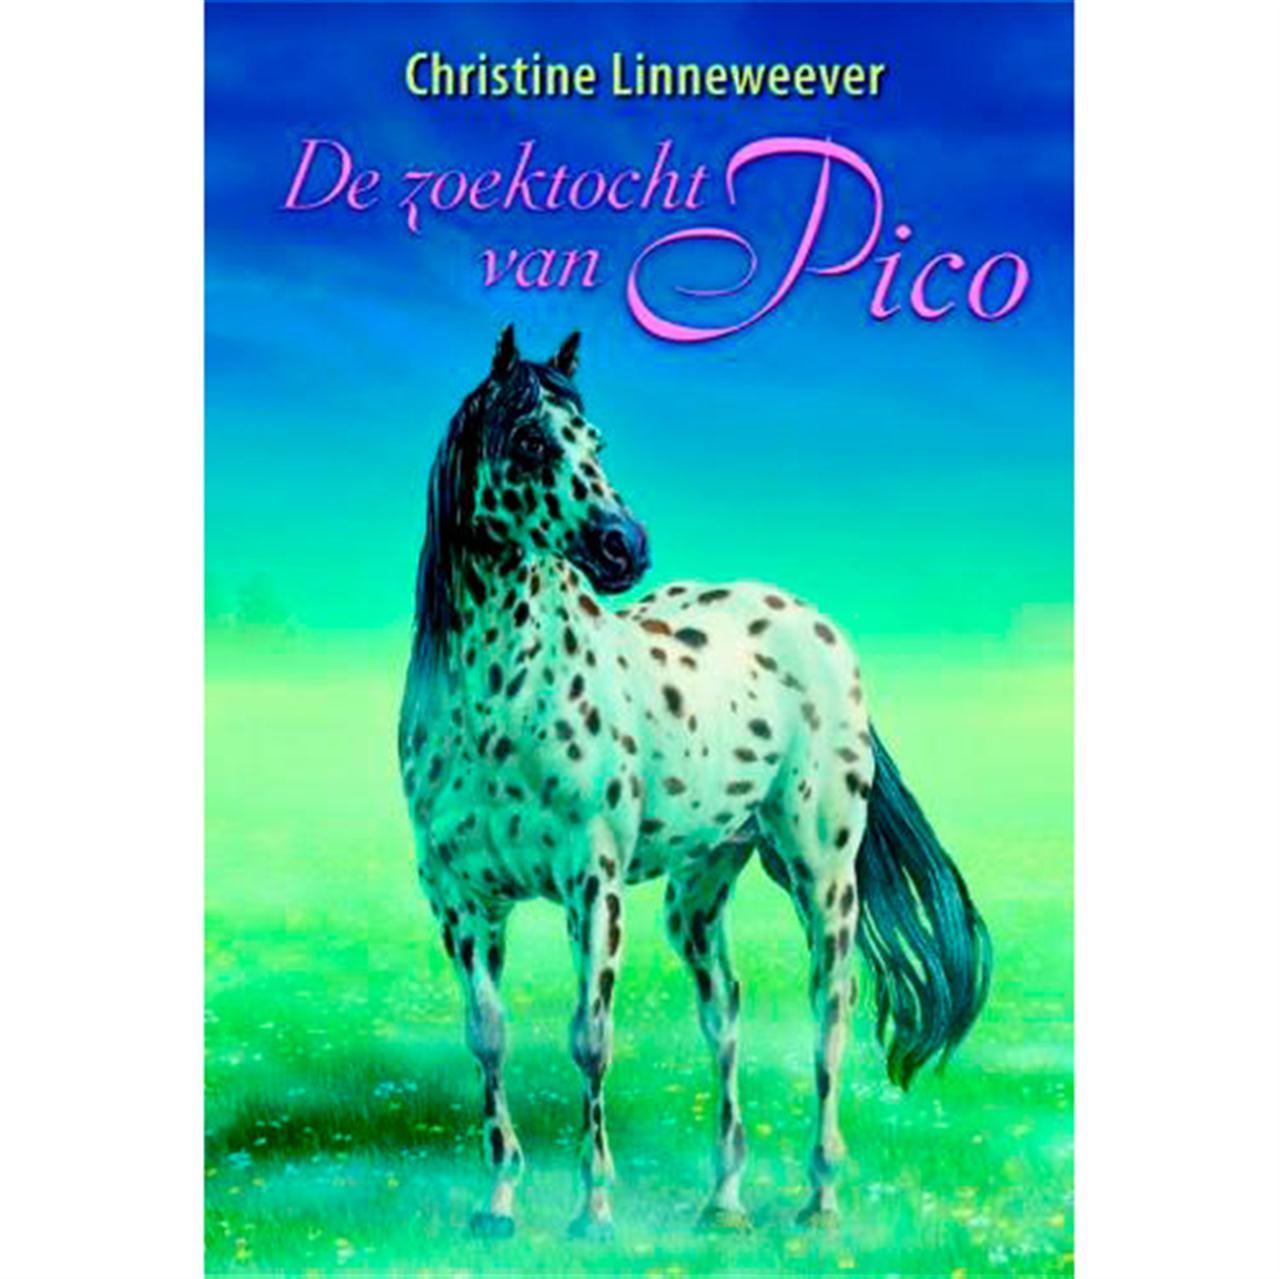 De zoektocht van Pico Nederlands boek